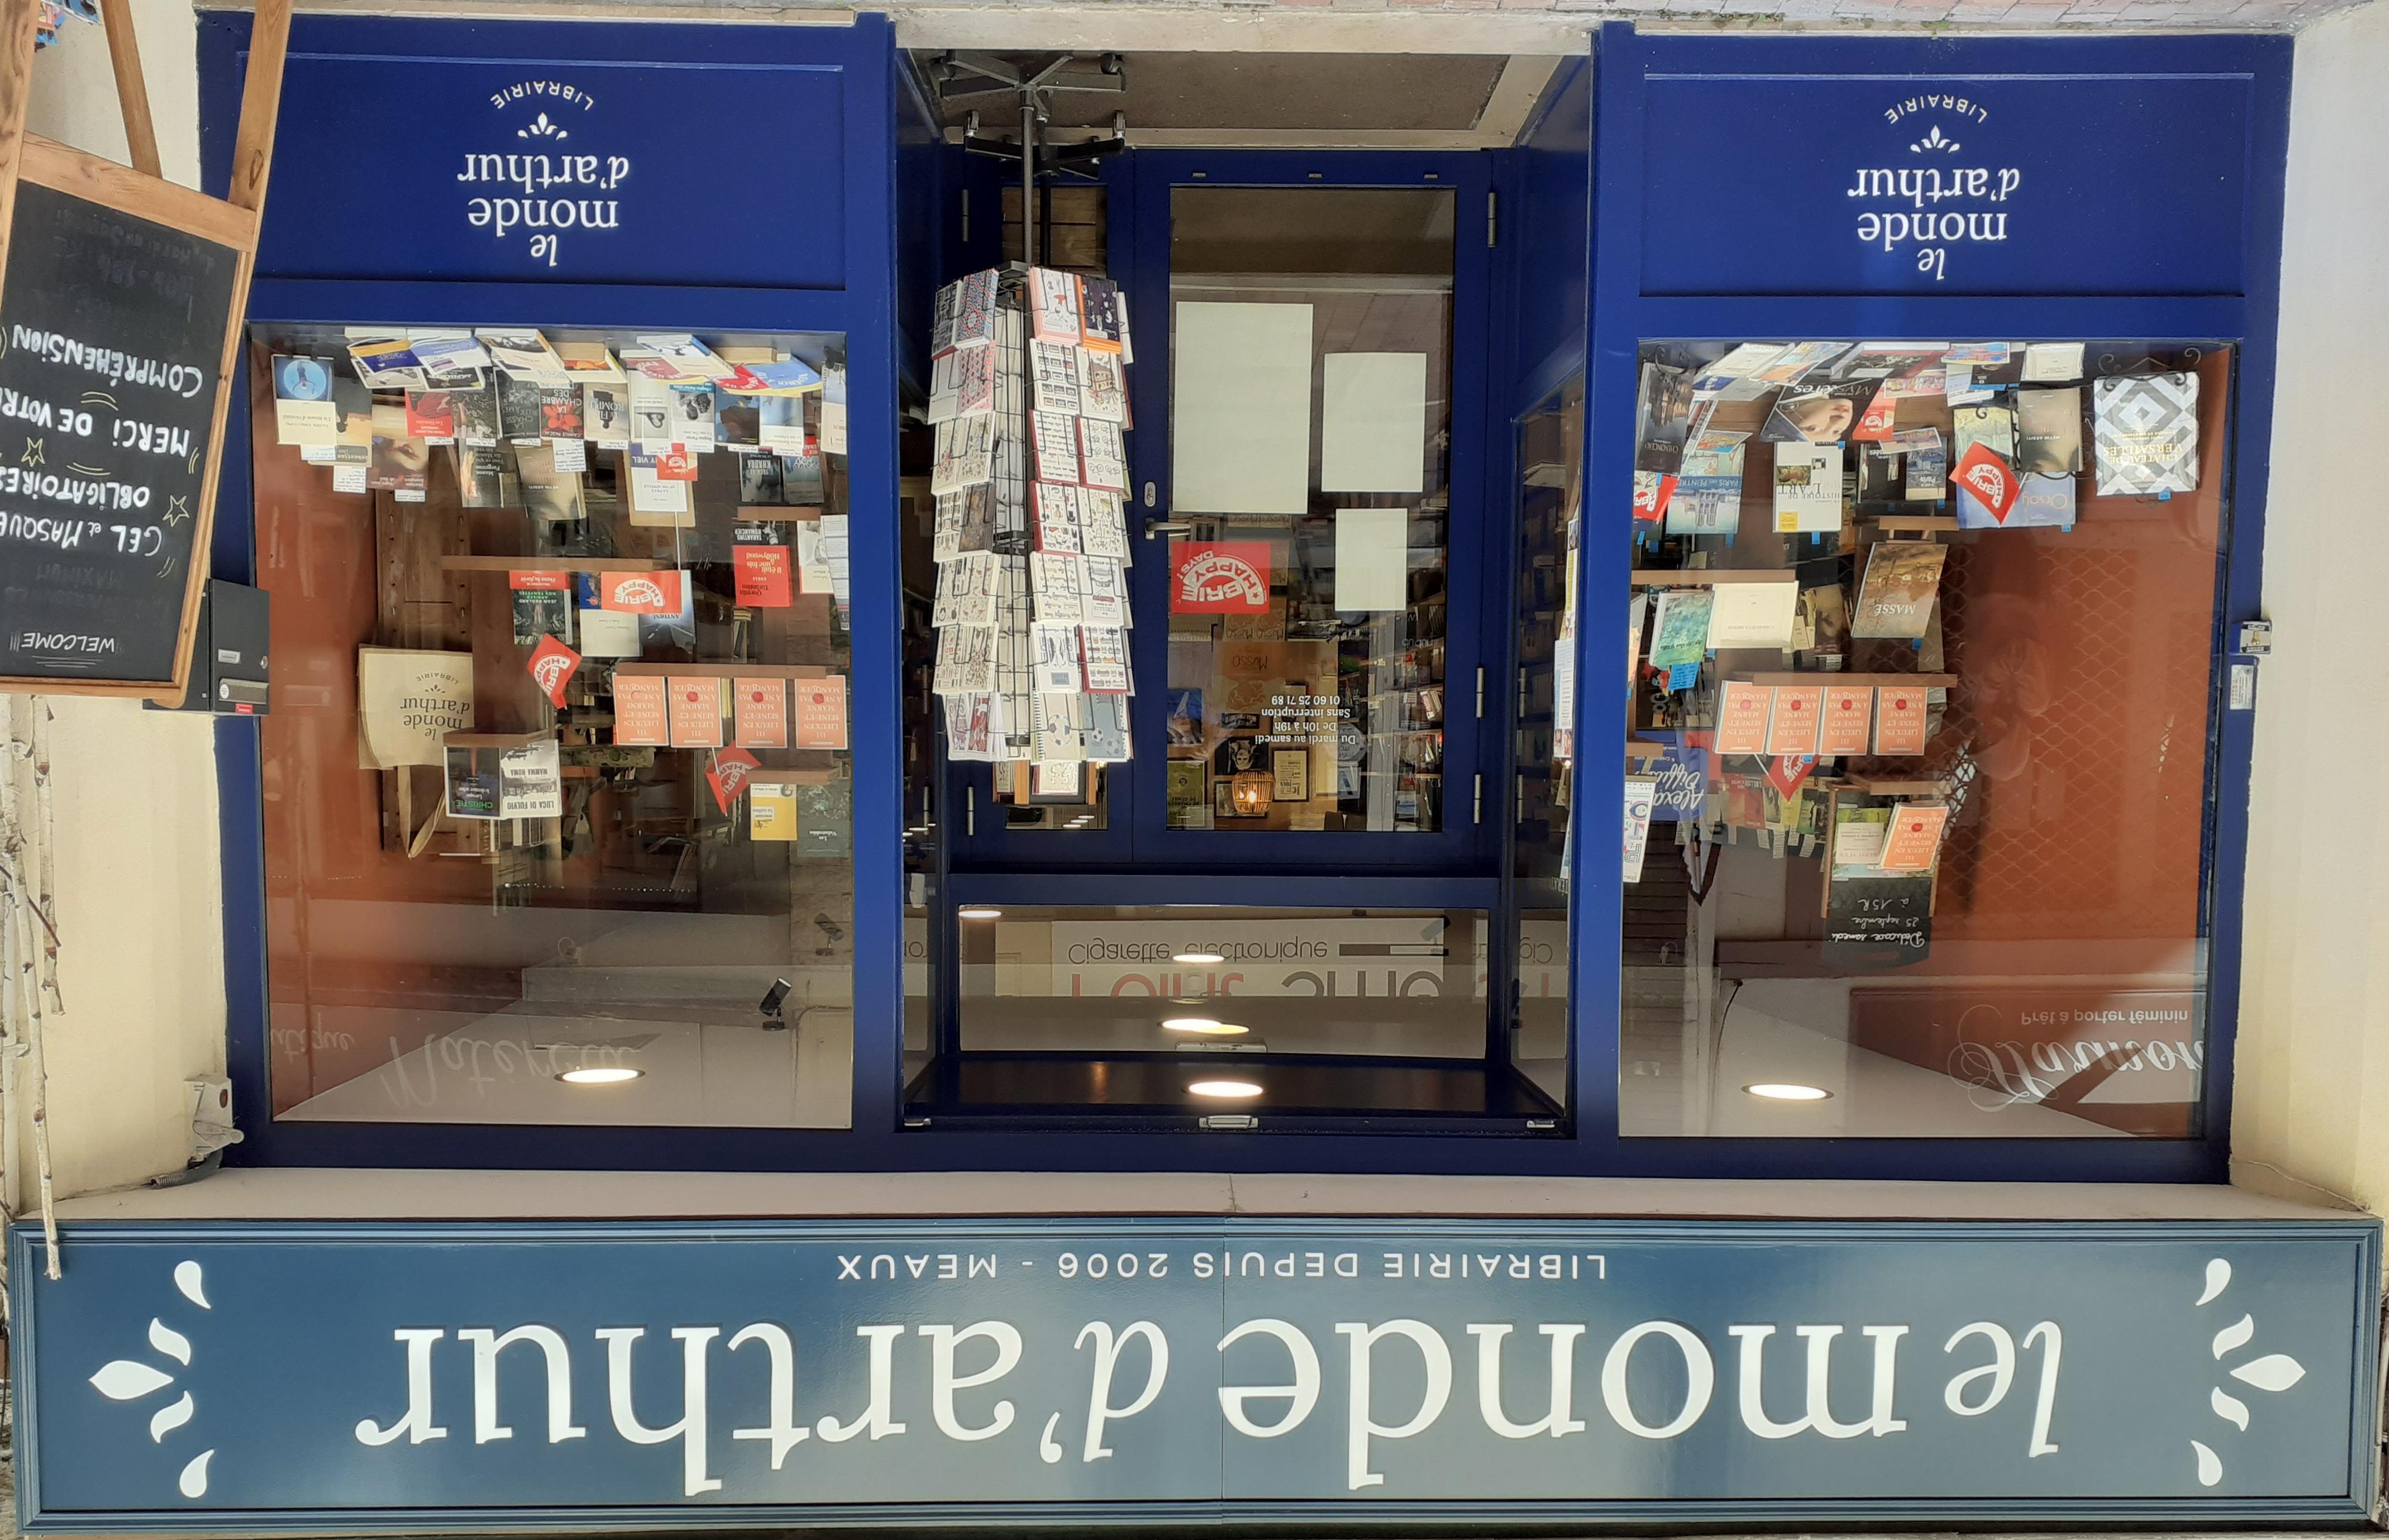 La librairie en image